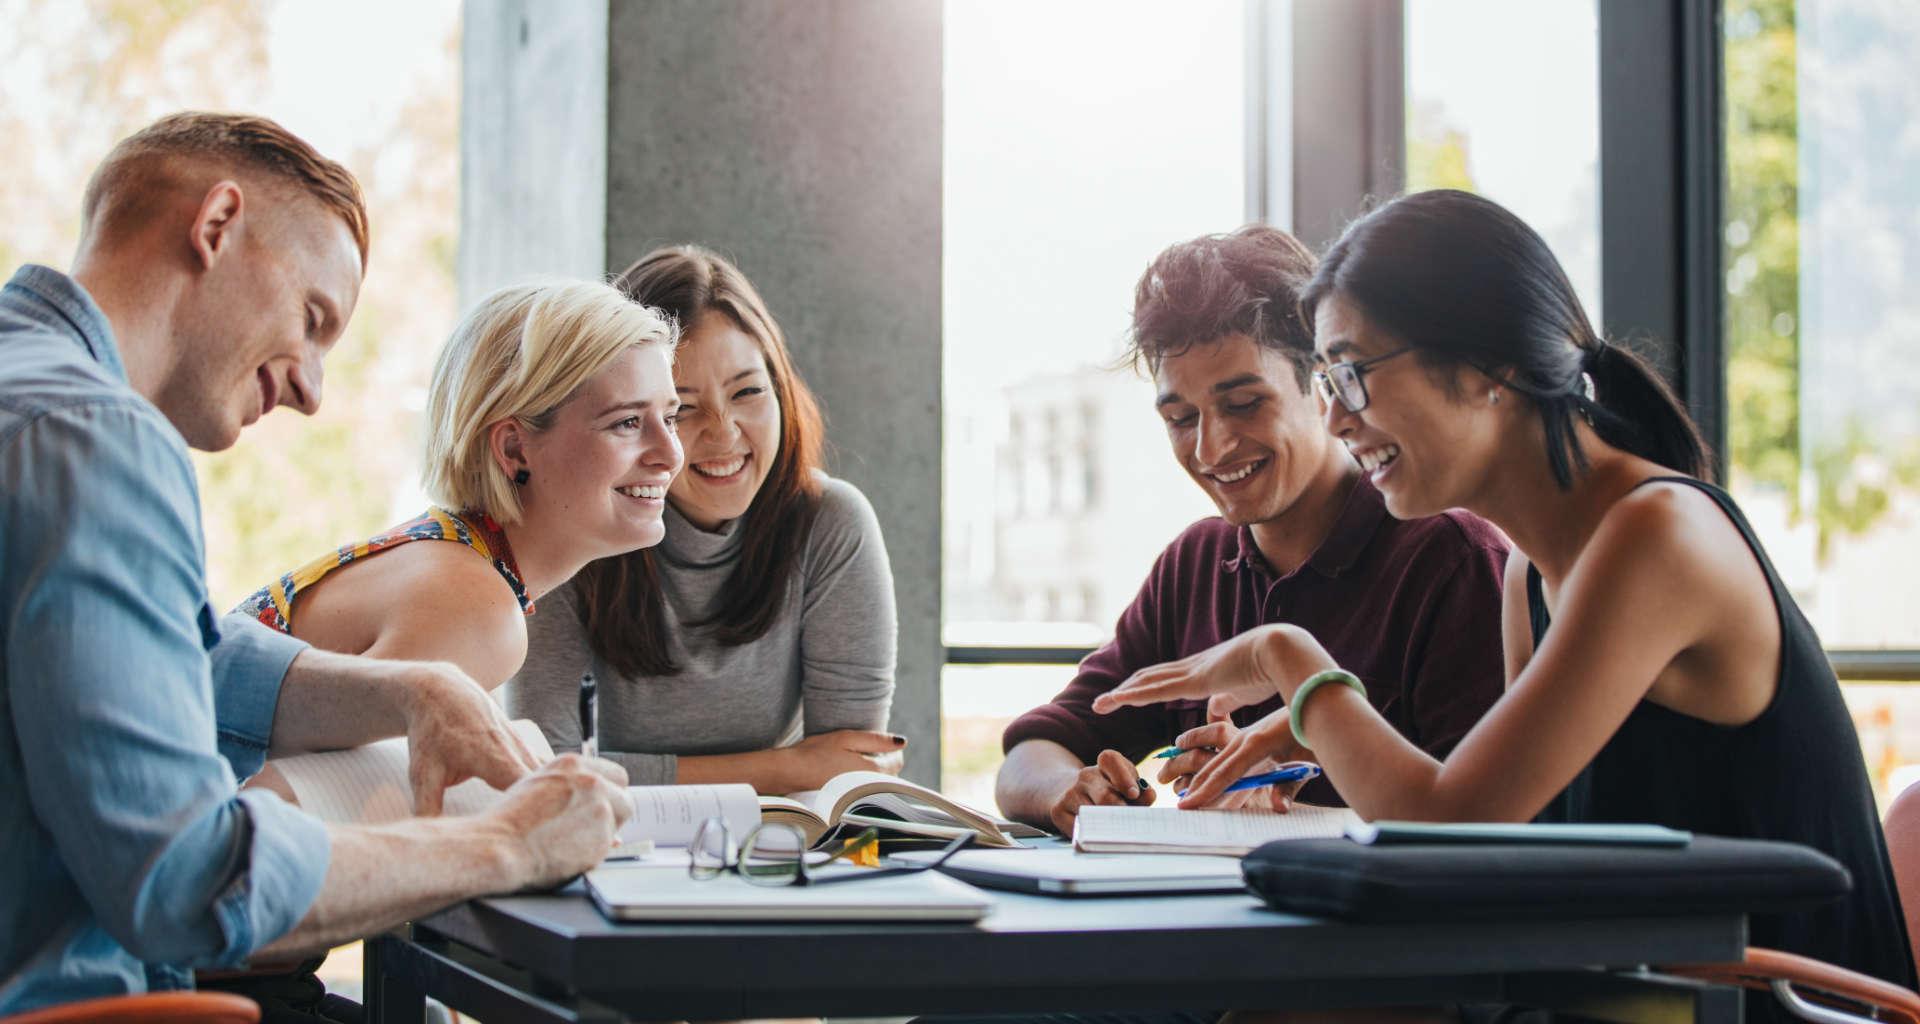 Iščete učitelja tujega jezika? Pomagali vam bomo najti pravega učitelja za vas